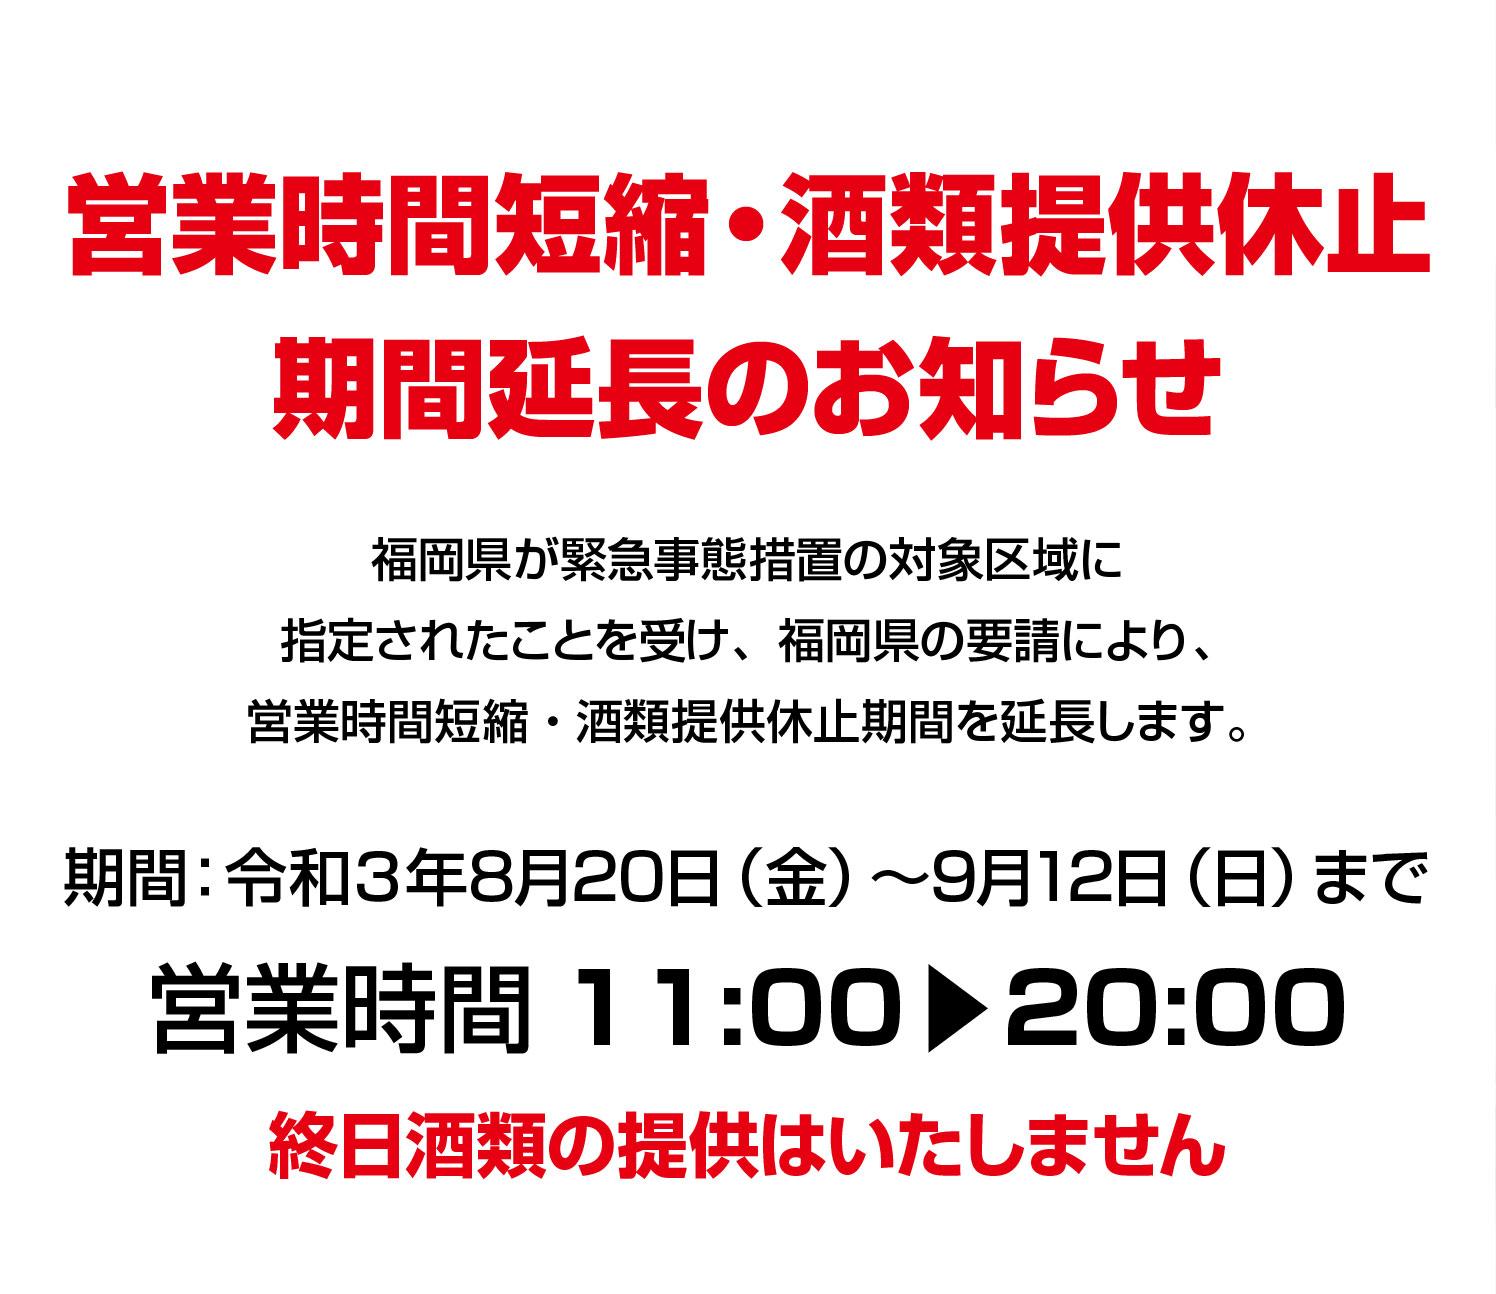 営業時間短縮・酒類提供休止期間延長のお知らせ 【8/20~】